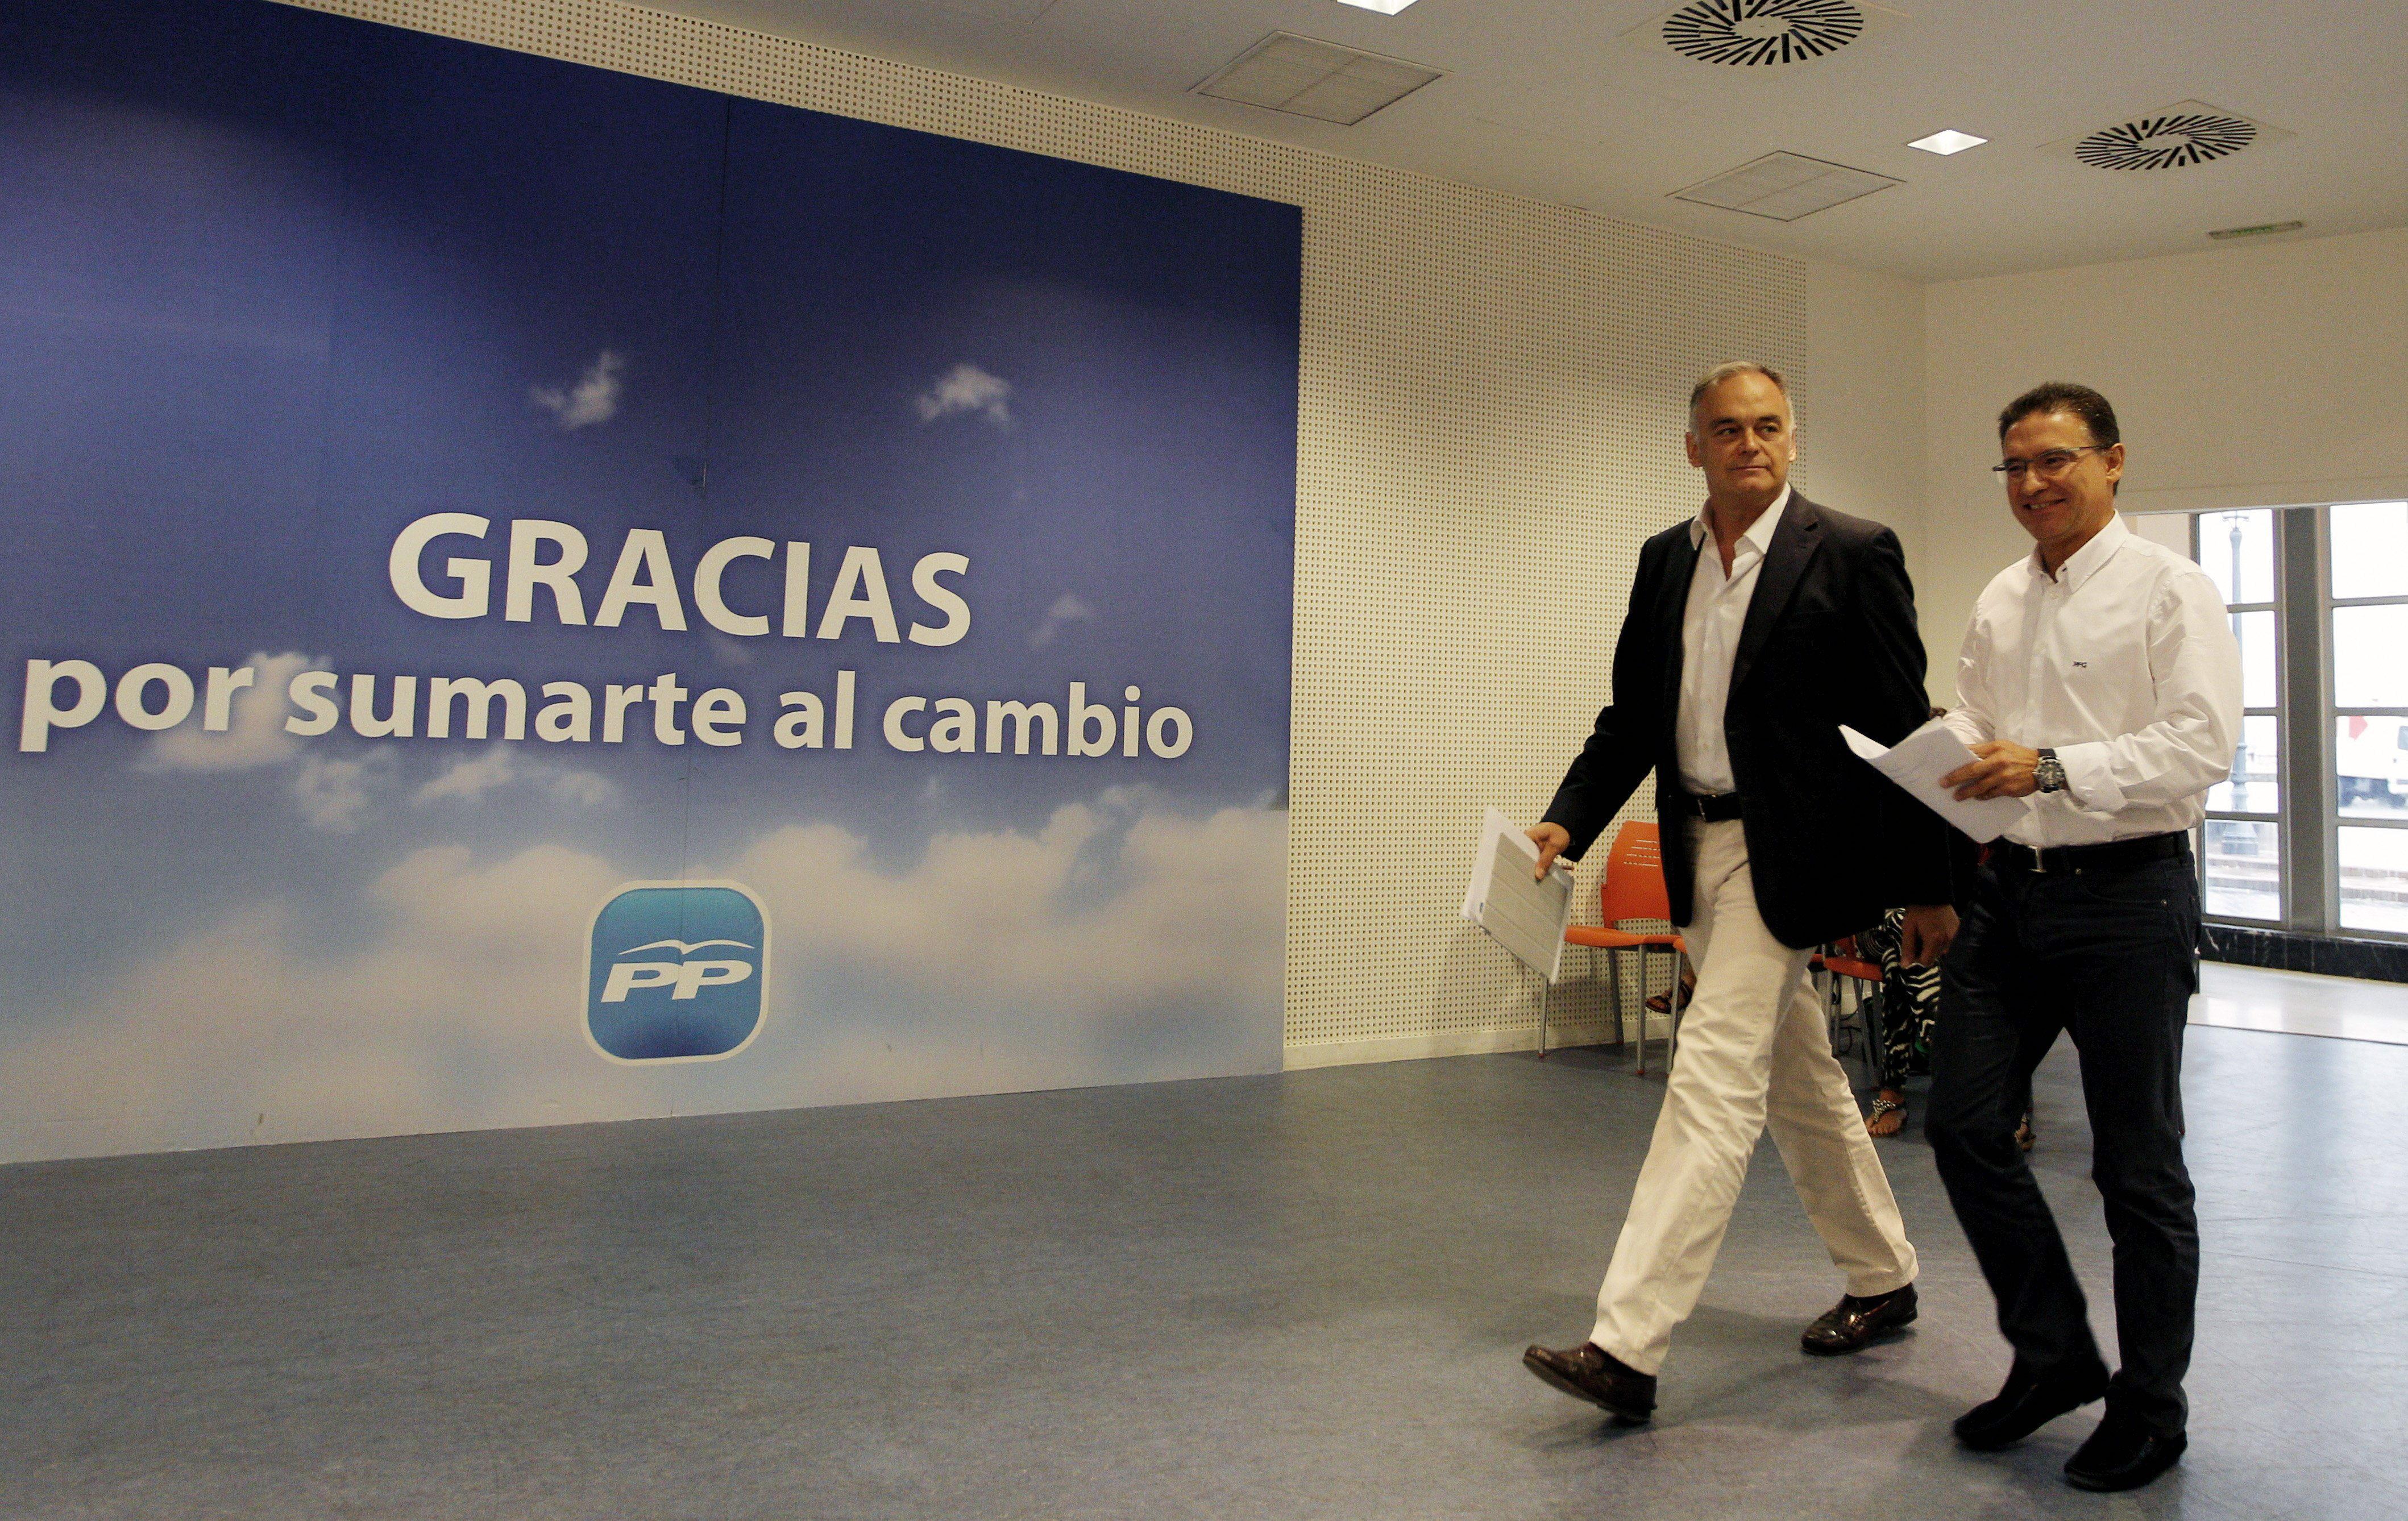 El PP pide a Artur Mas que «rompa» las cadenas y trabaje para crear empleo